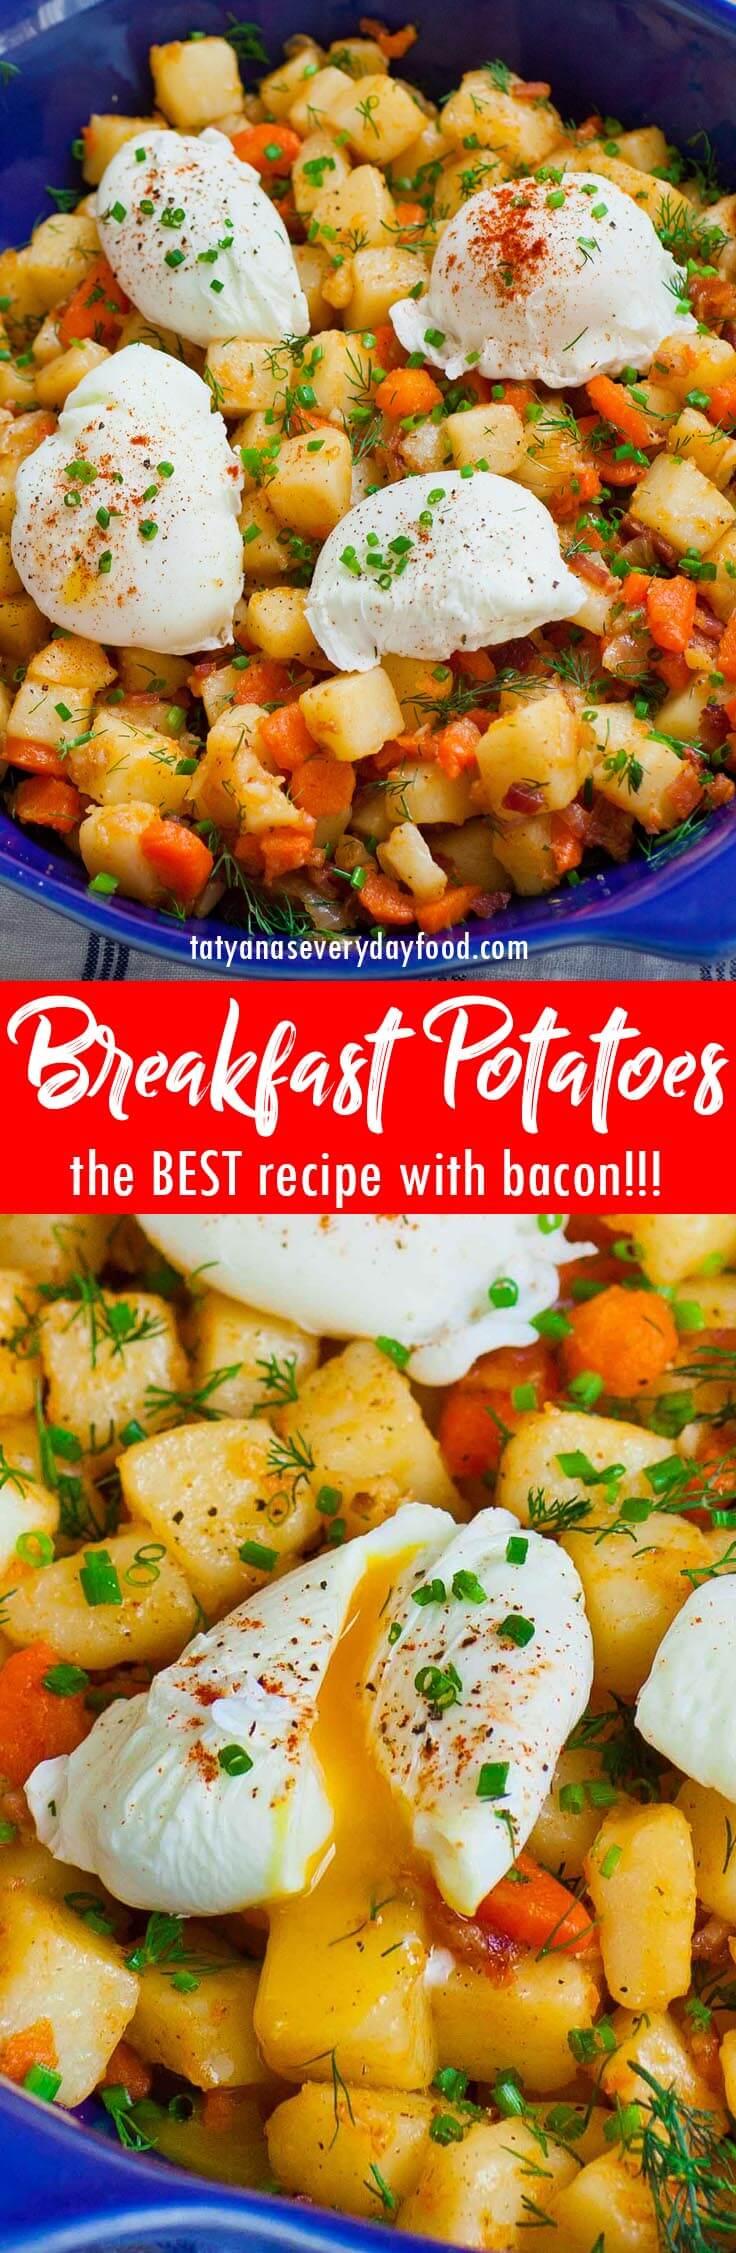 Bacon Breakfast Potatoes video recipe